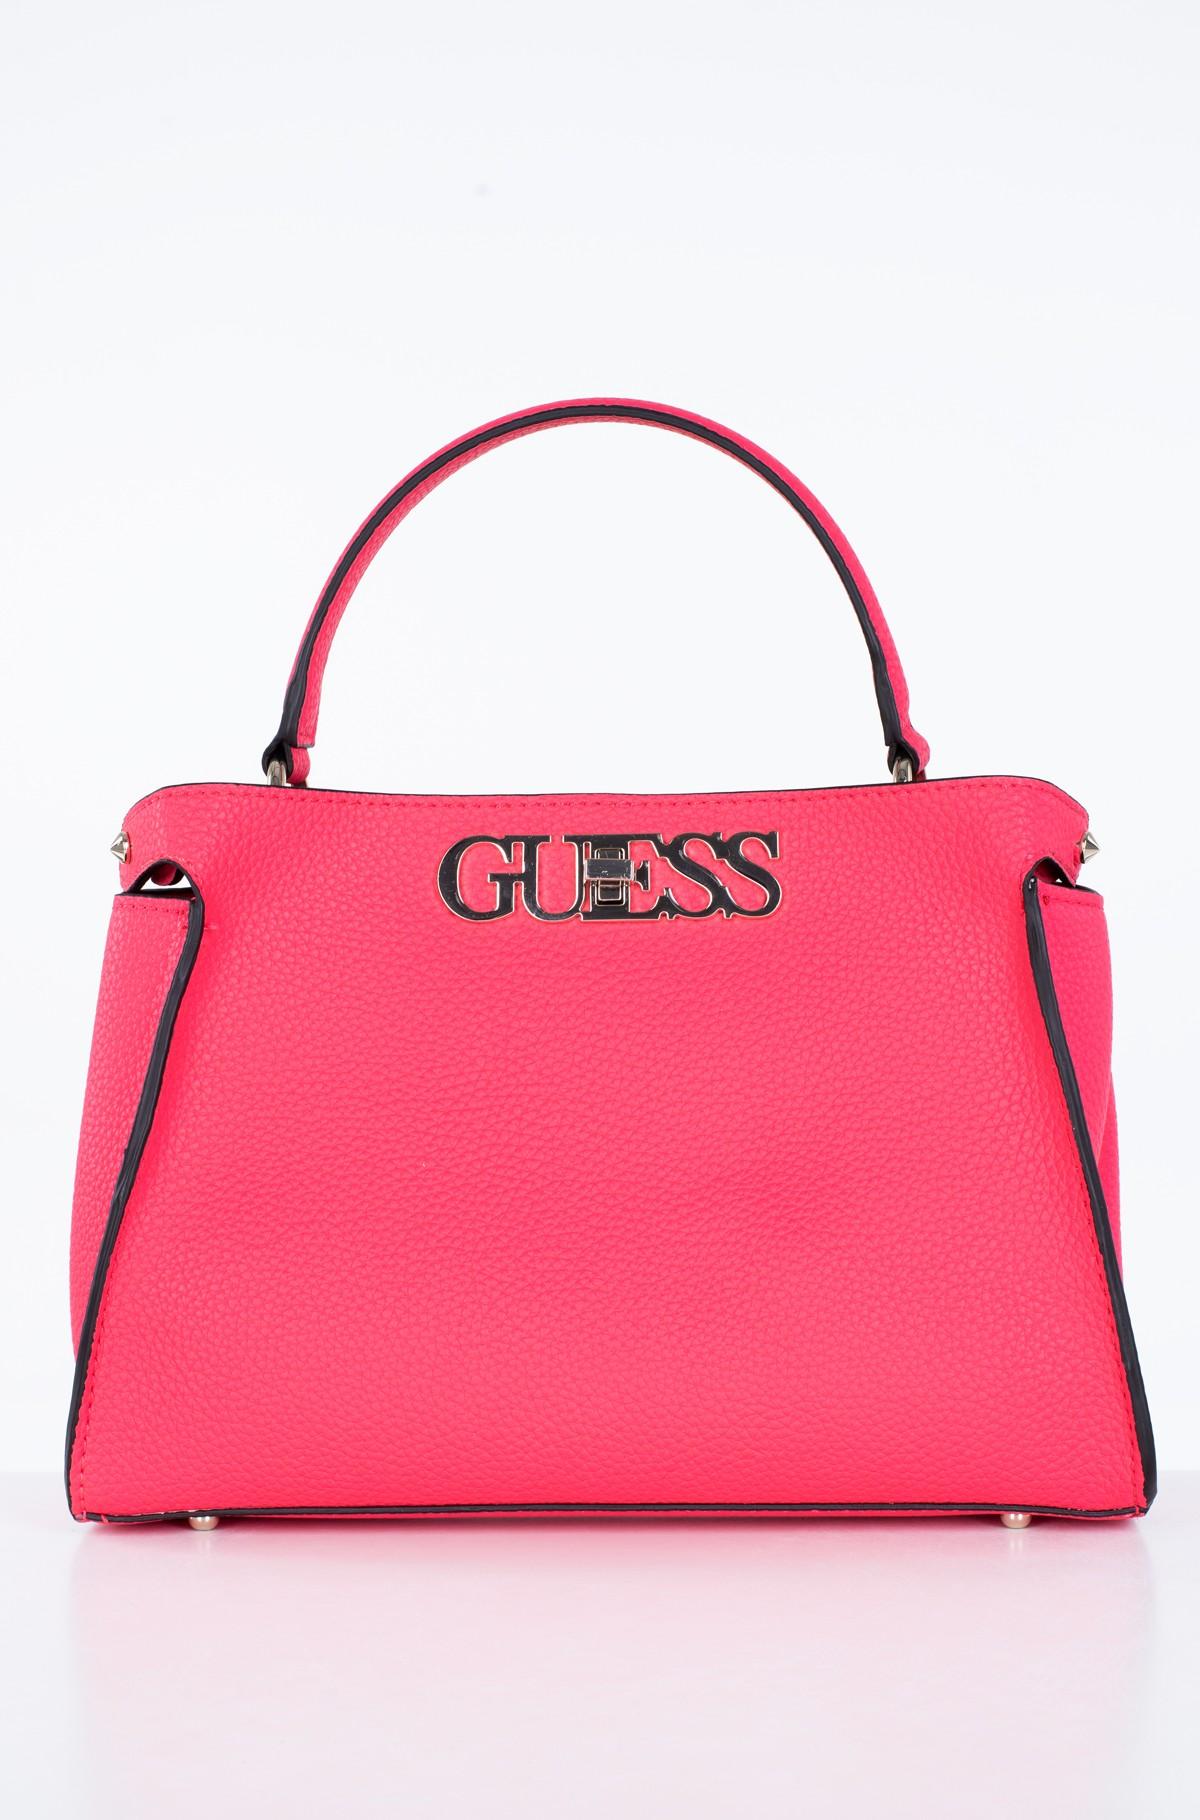 Handbag HWVG73 01050-full-1